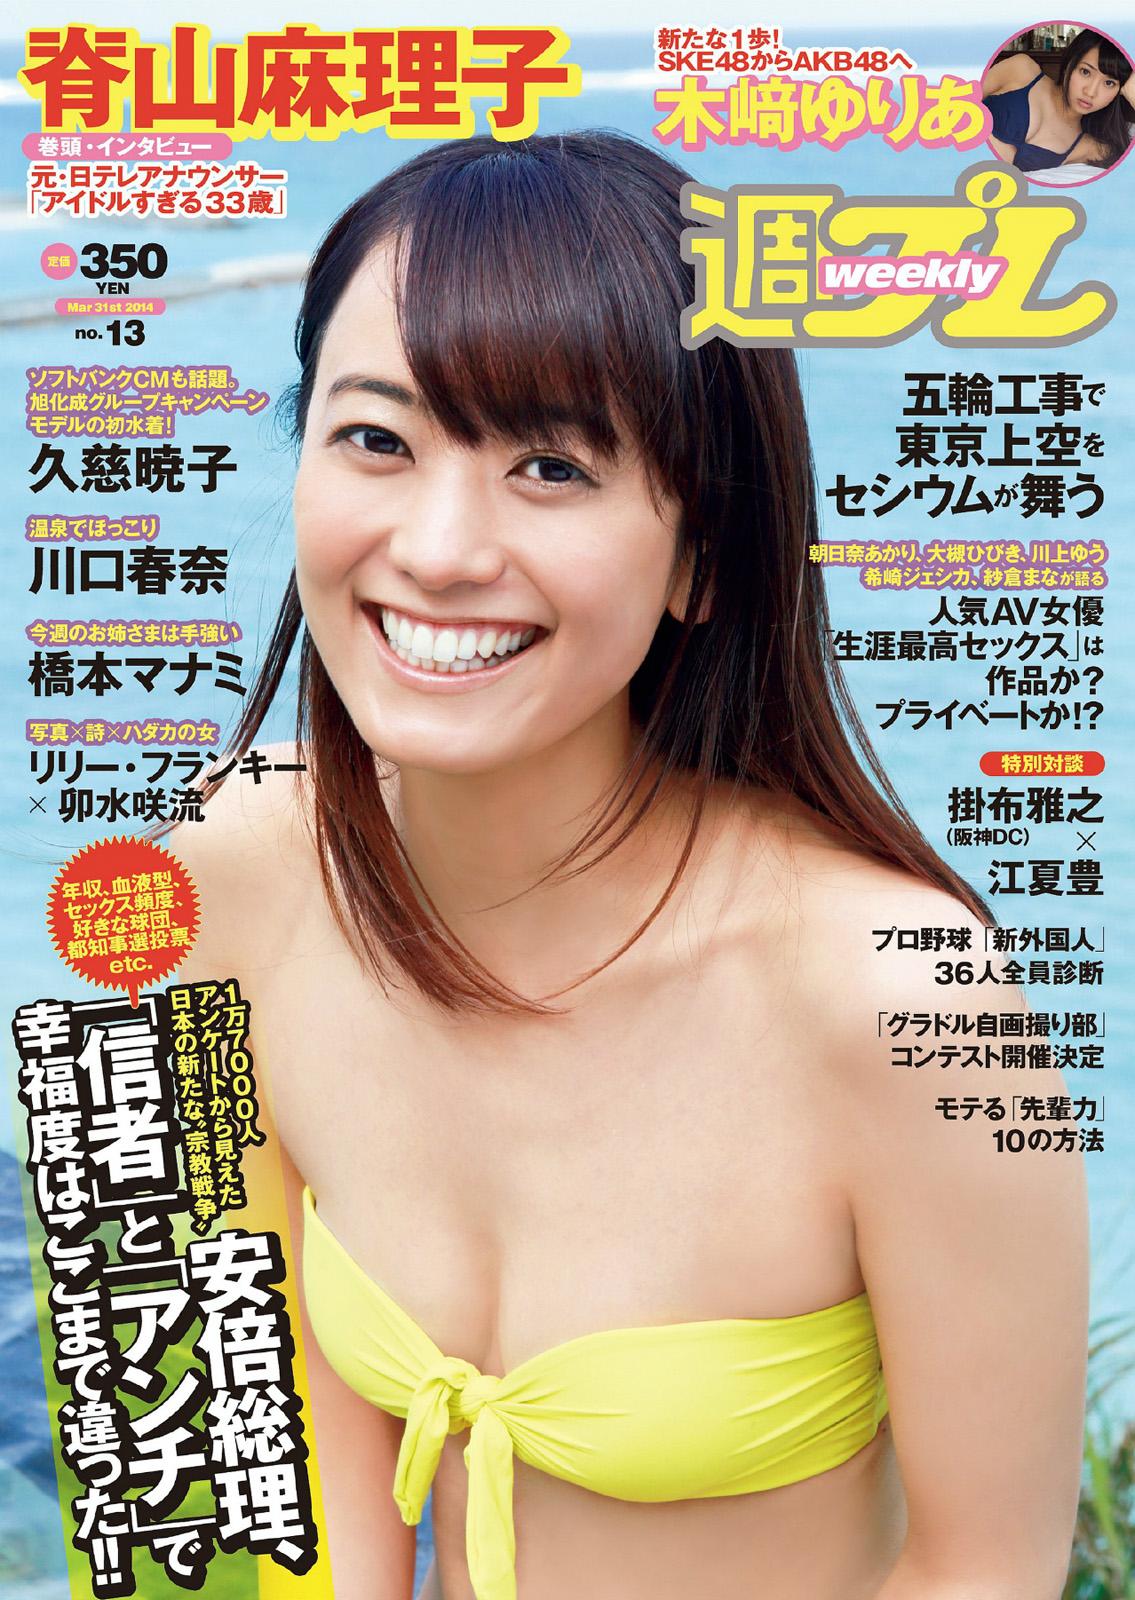 20160303.21 Weekly Playboy (2014.13) 001 (JPOP.ru).jpg